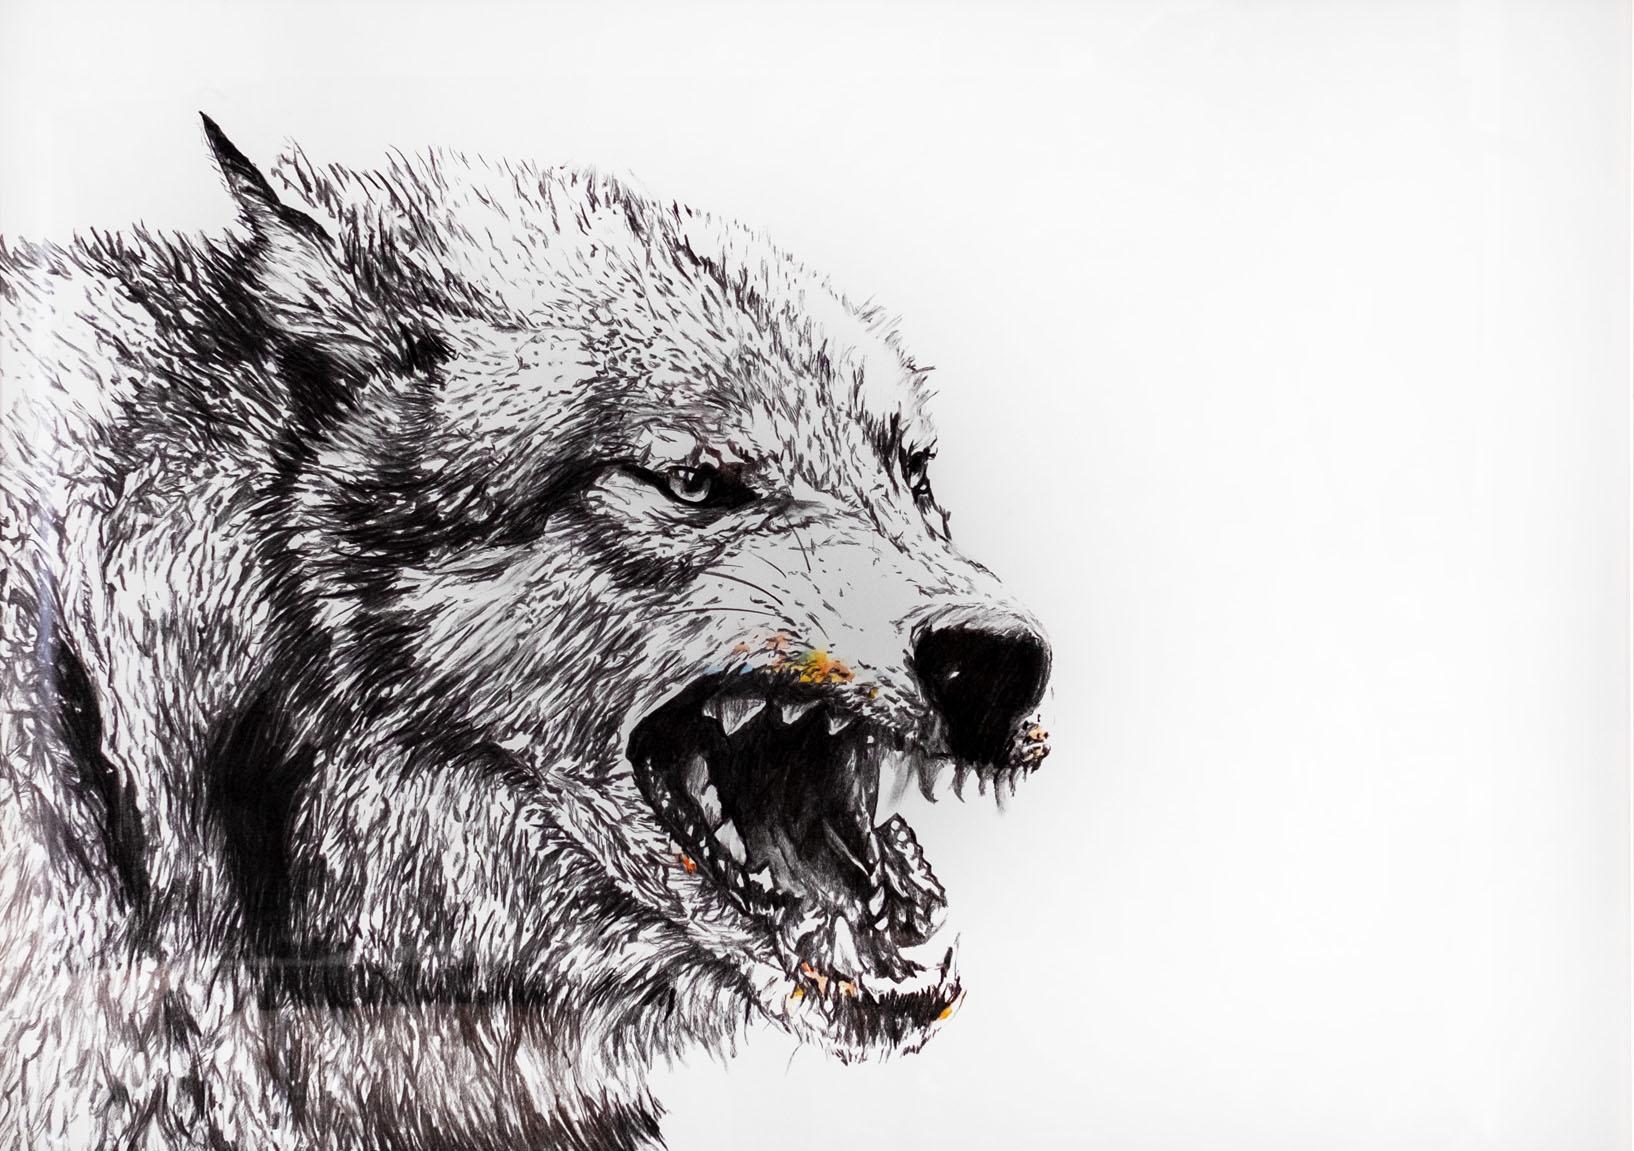 Böse 100x140cm charcoal, watercolor 2021